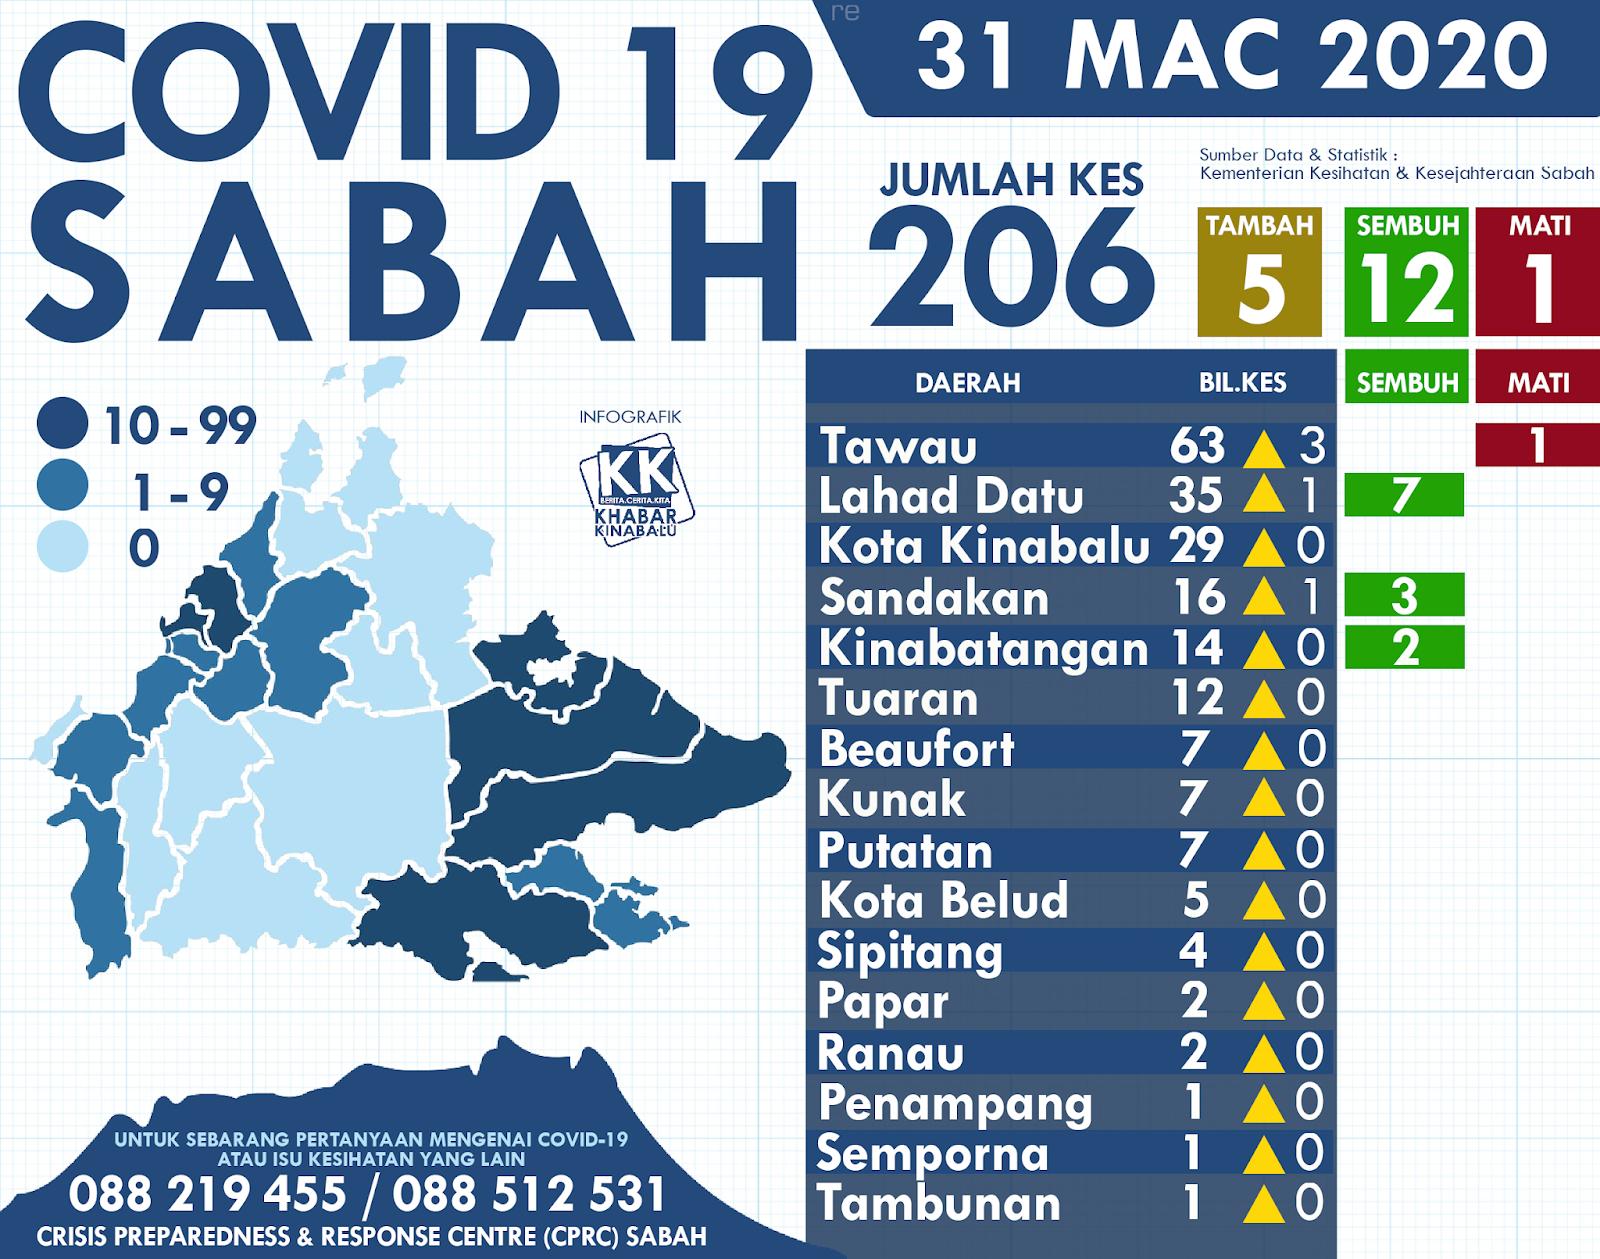 Jumlah Kumulatif Kes Positif Covid 19 Di Sabah Bagi Bulan Mac 2020